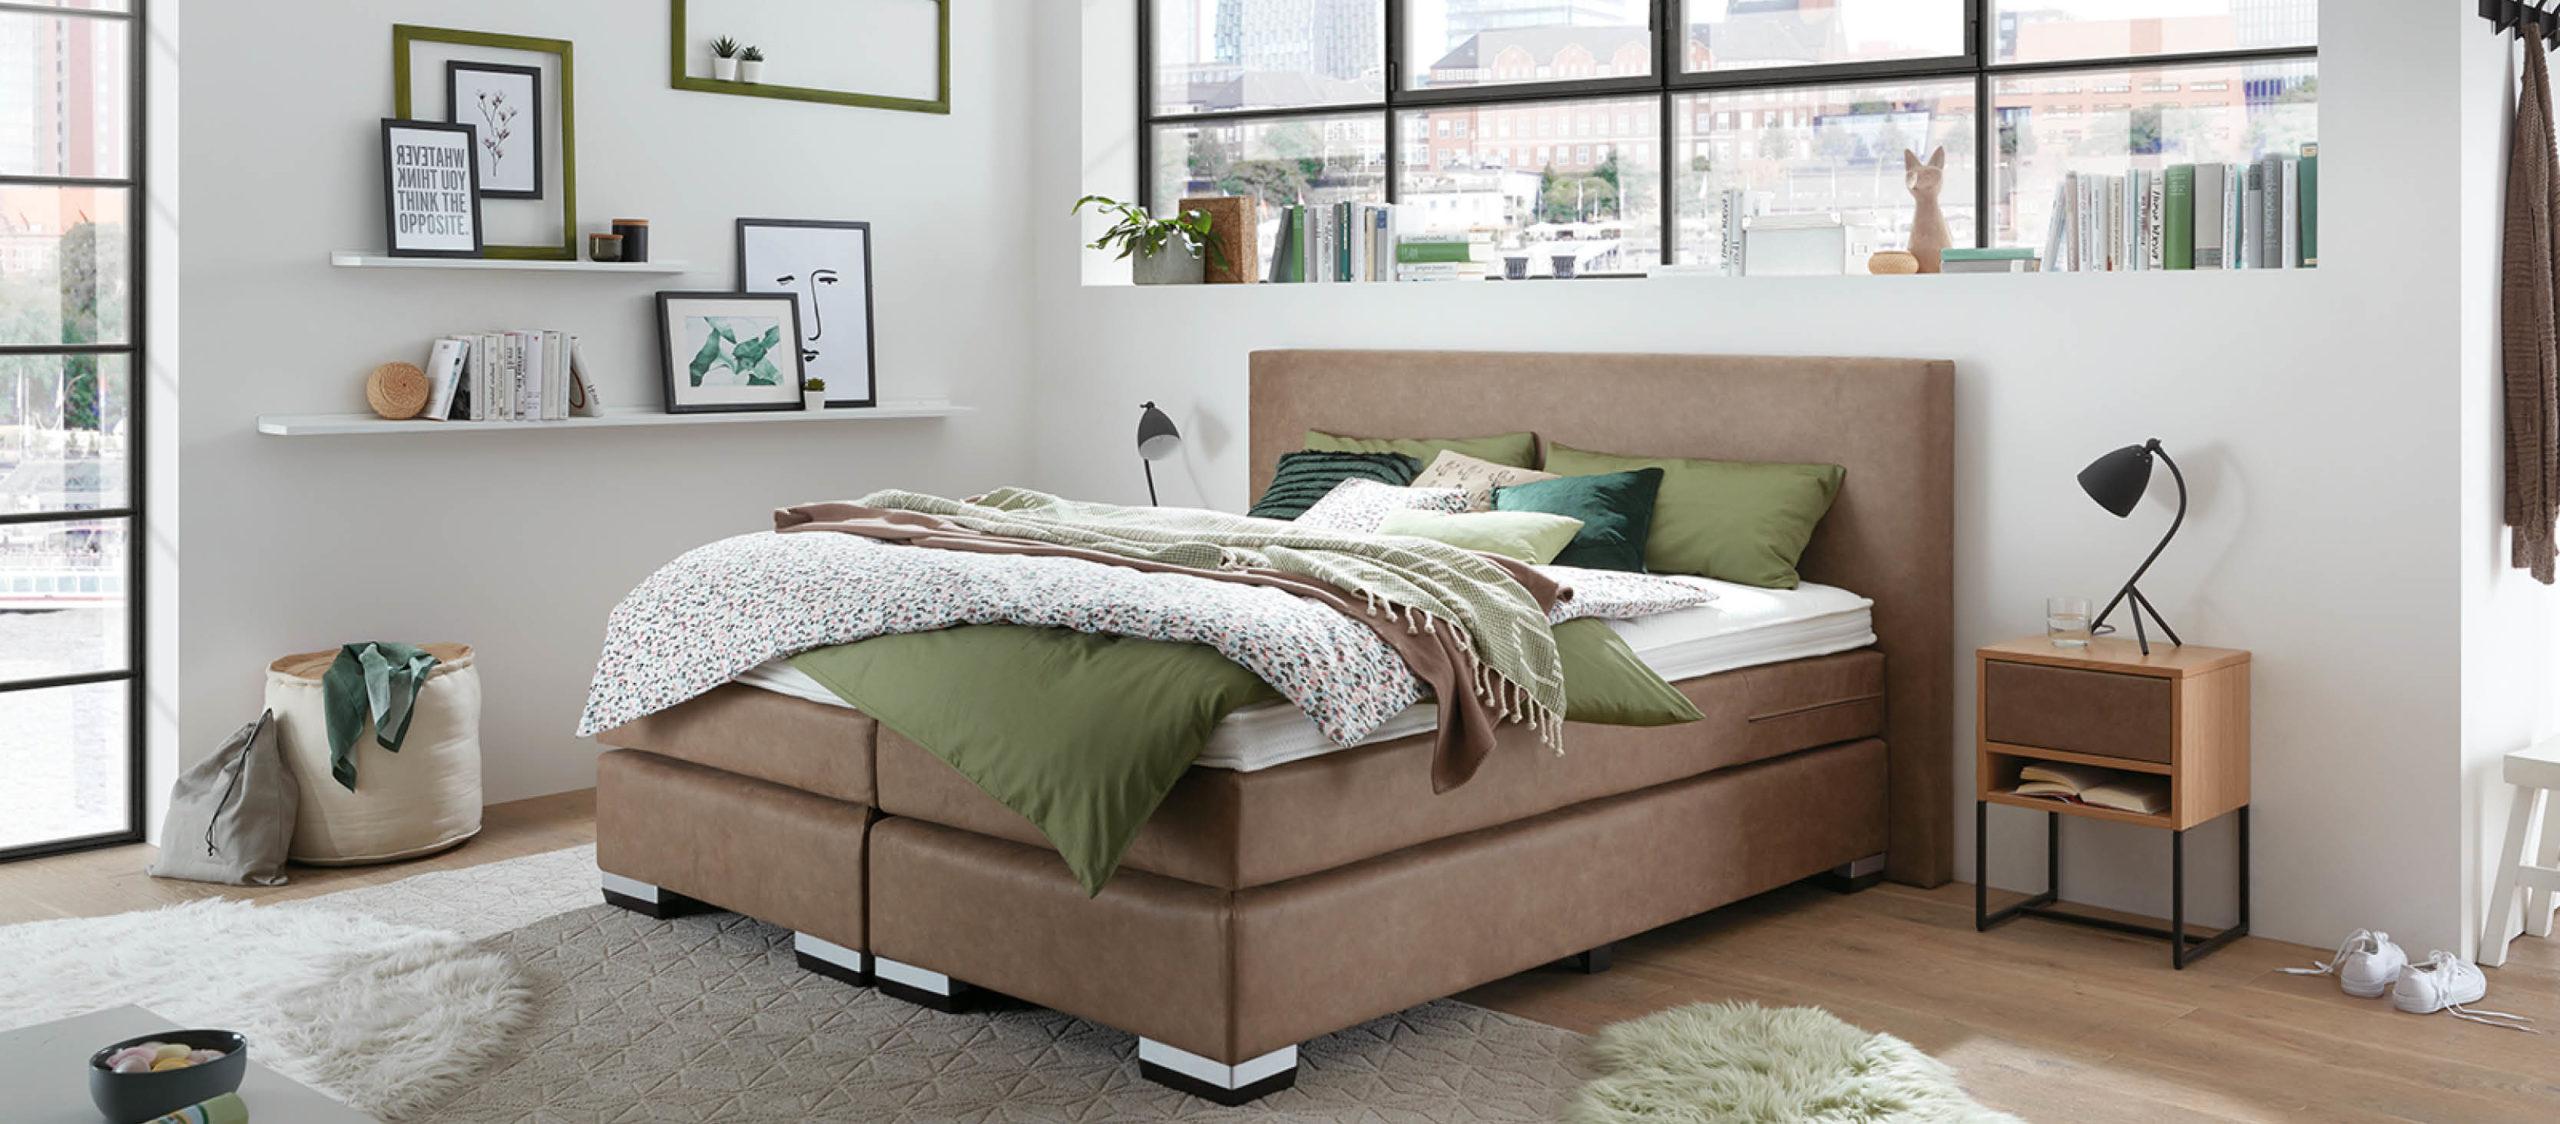 Wittgensteiner Möbelhaus - Schlafzimmer